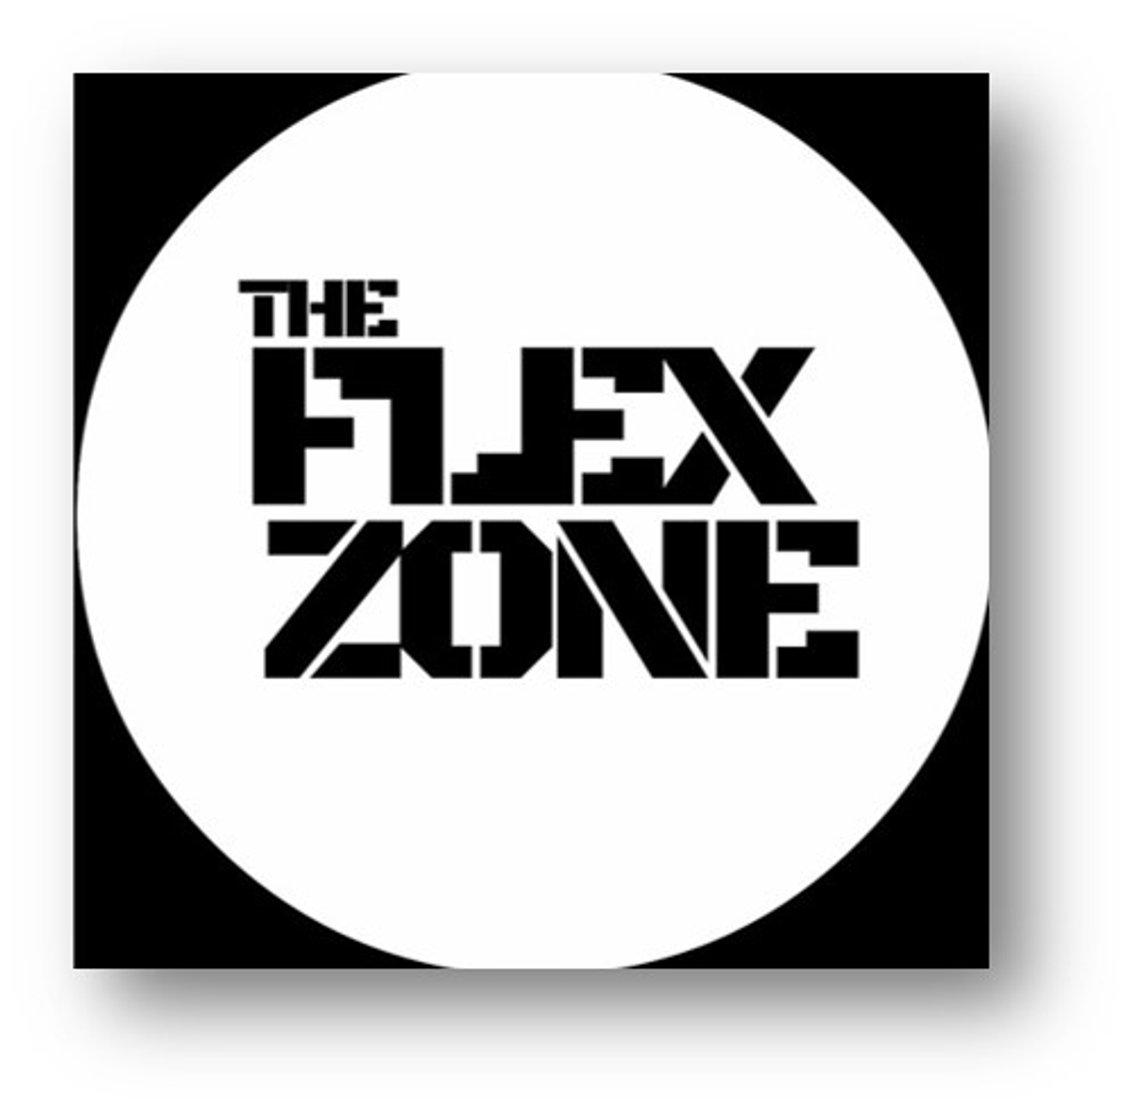 THE FLEX ZONE - SPORTS TALK RADIO - immagine di copertina